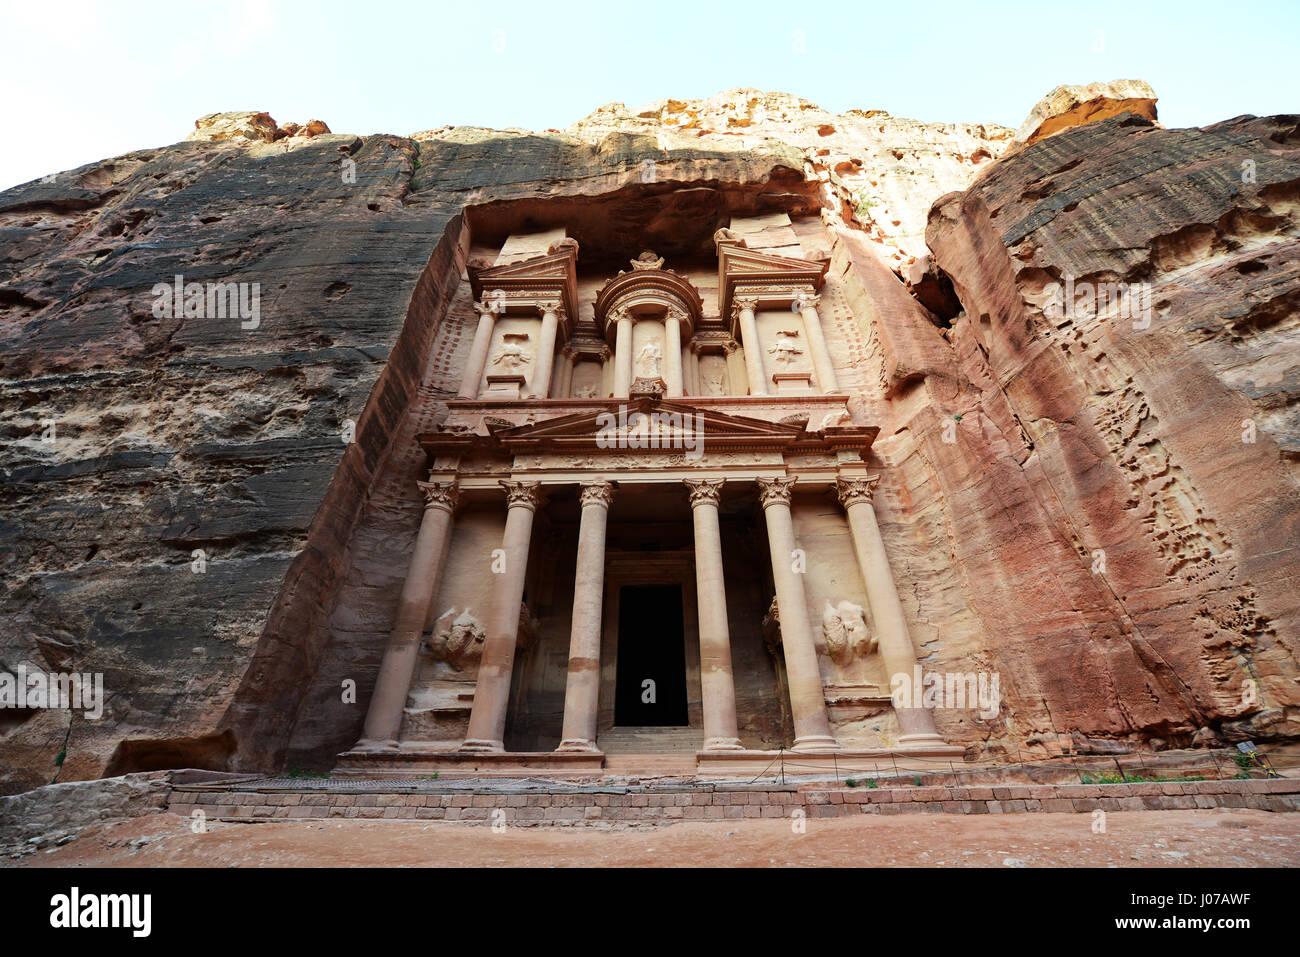 Le Trésor (El khazneh) dans l'ancienne ville nabatéenne de Pétra en Jordanie. Photo Stock